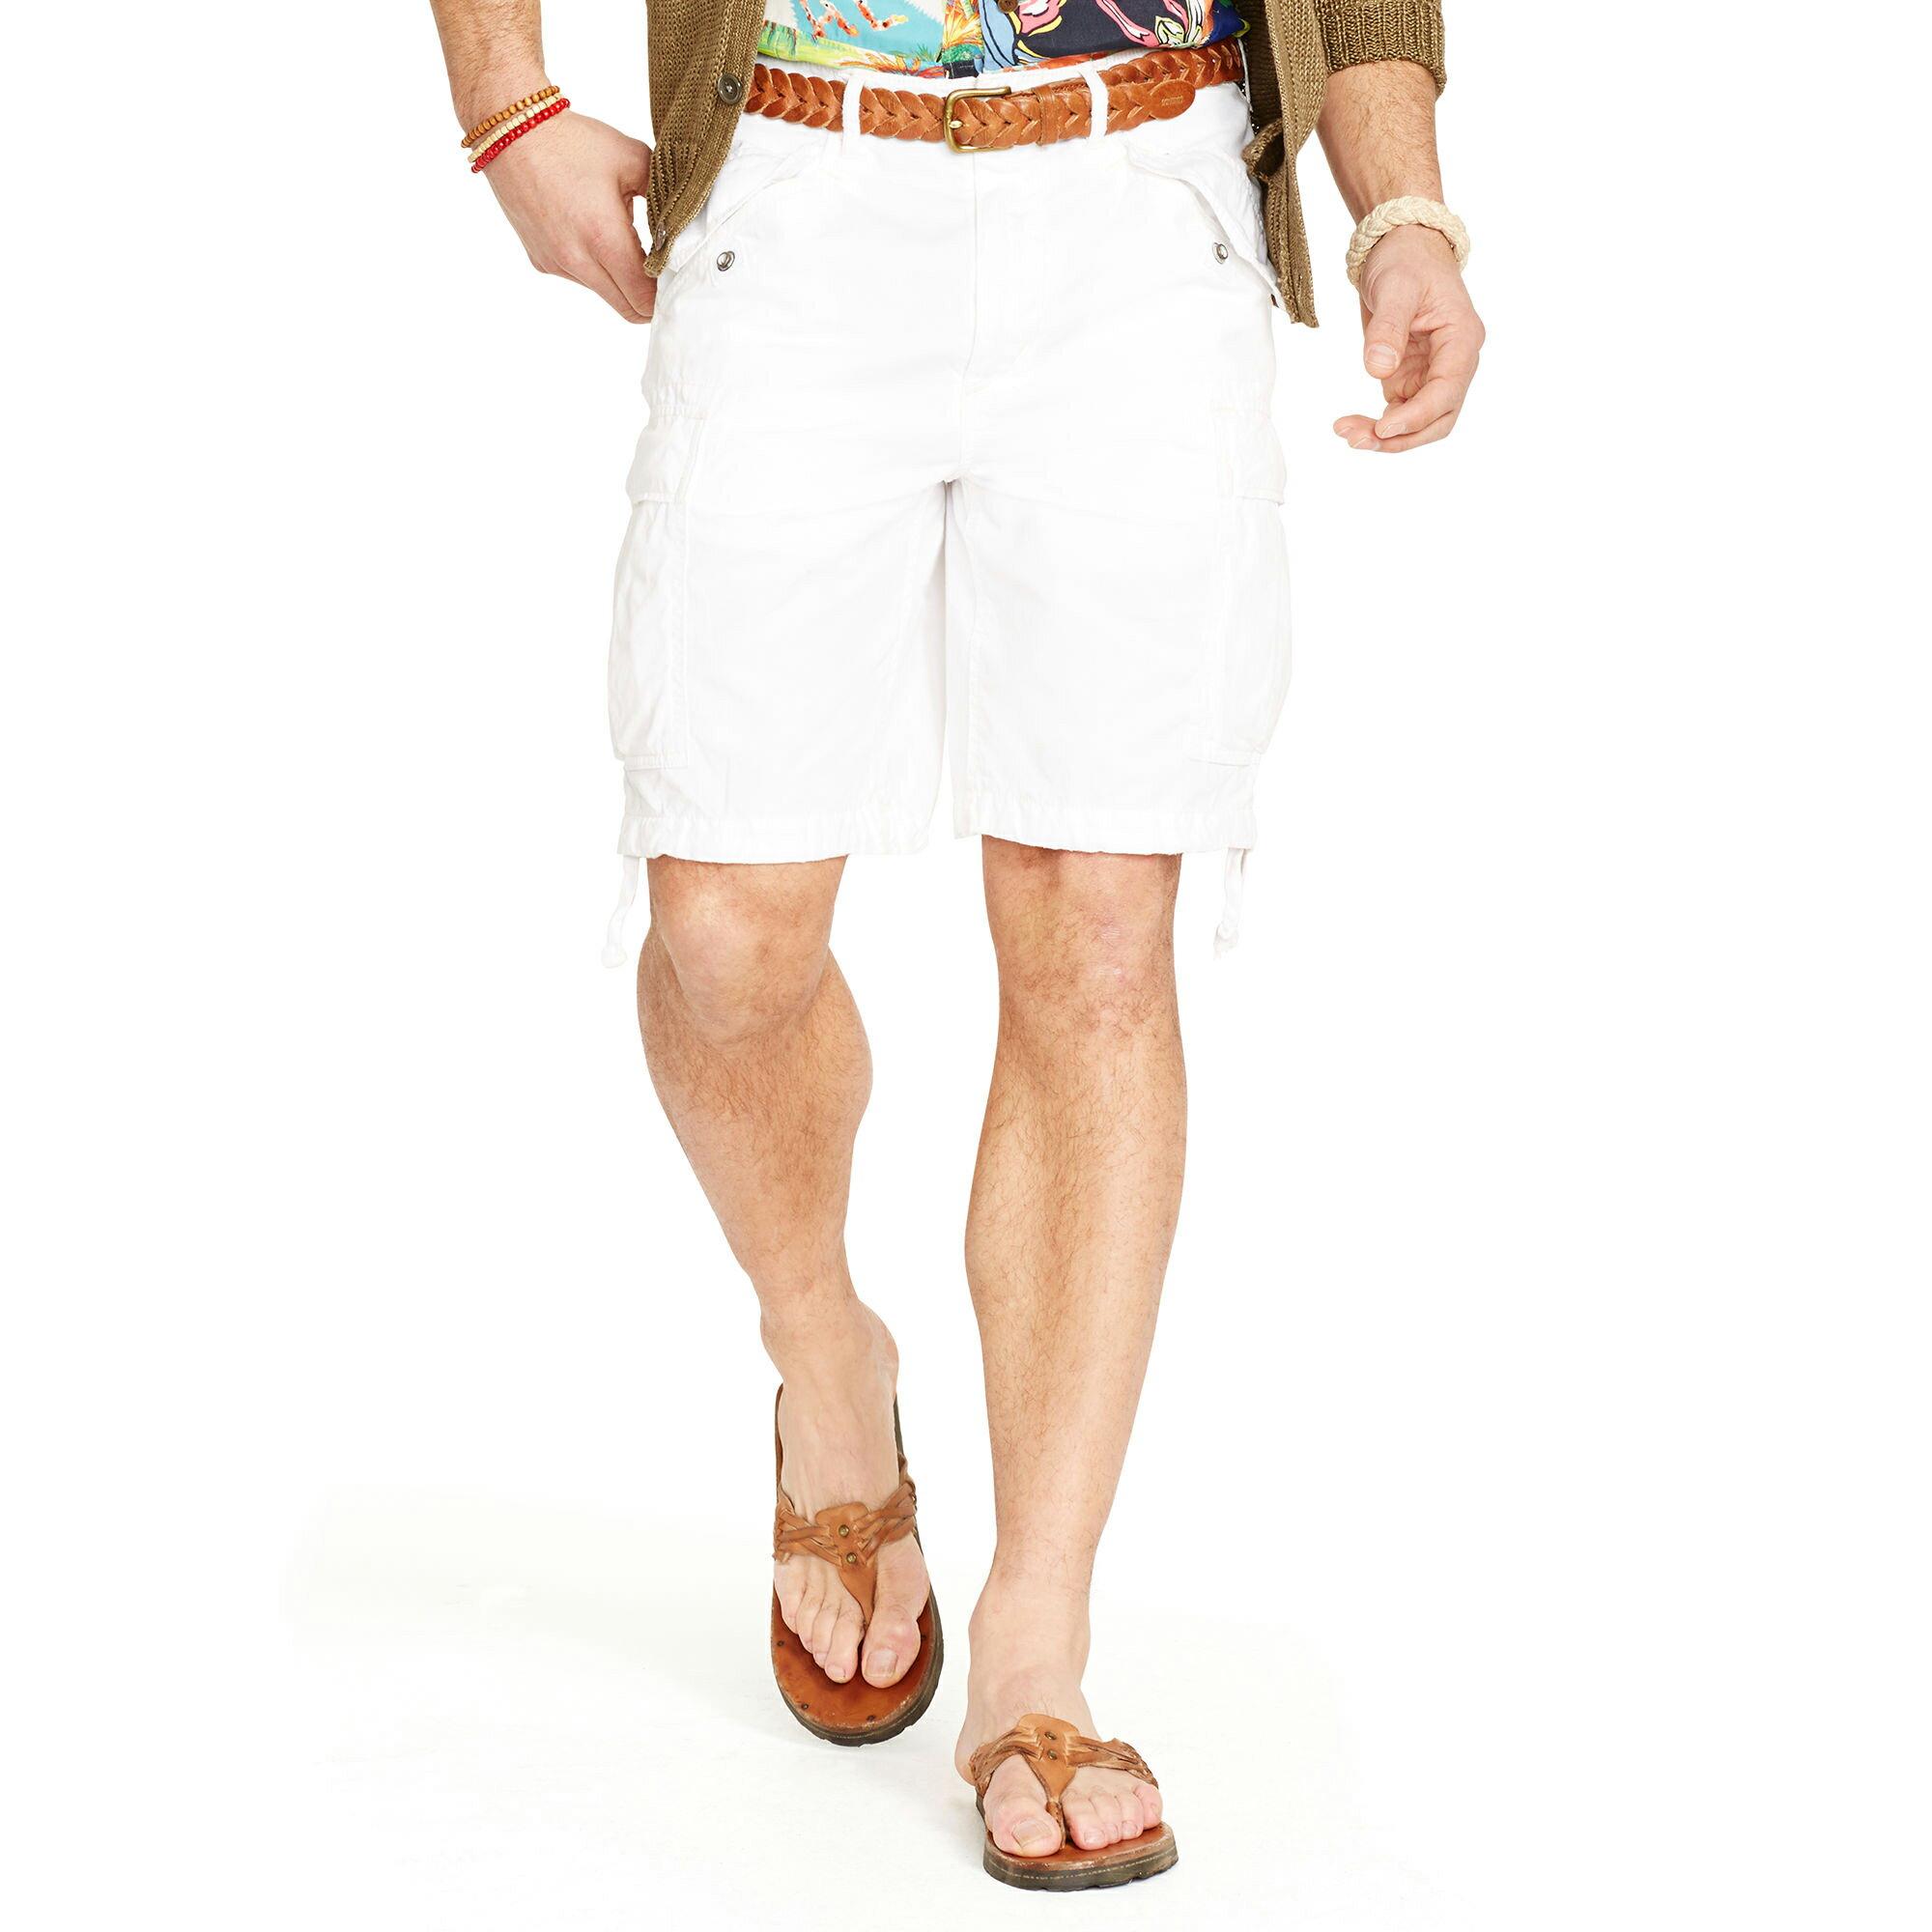 美國百分百【Ralph Lauren】褲子 RL 男褲 POLO 短褲 工作褲 休閒褲 棉麻 白 28 32腰 F420